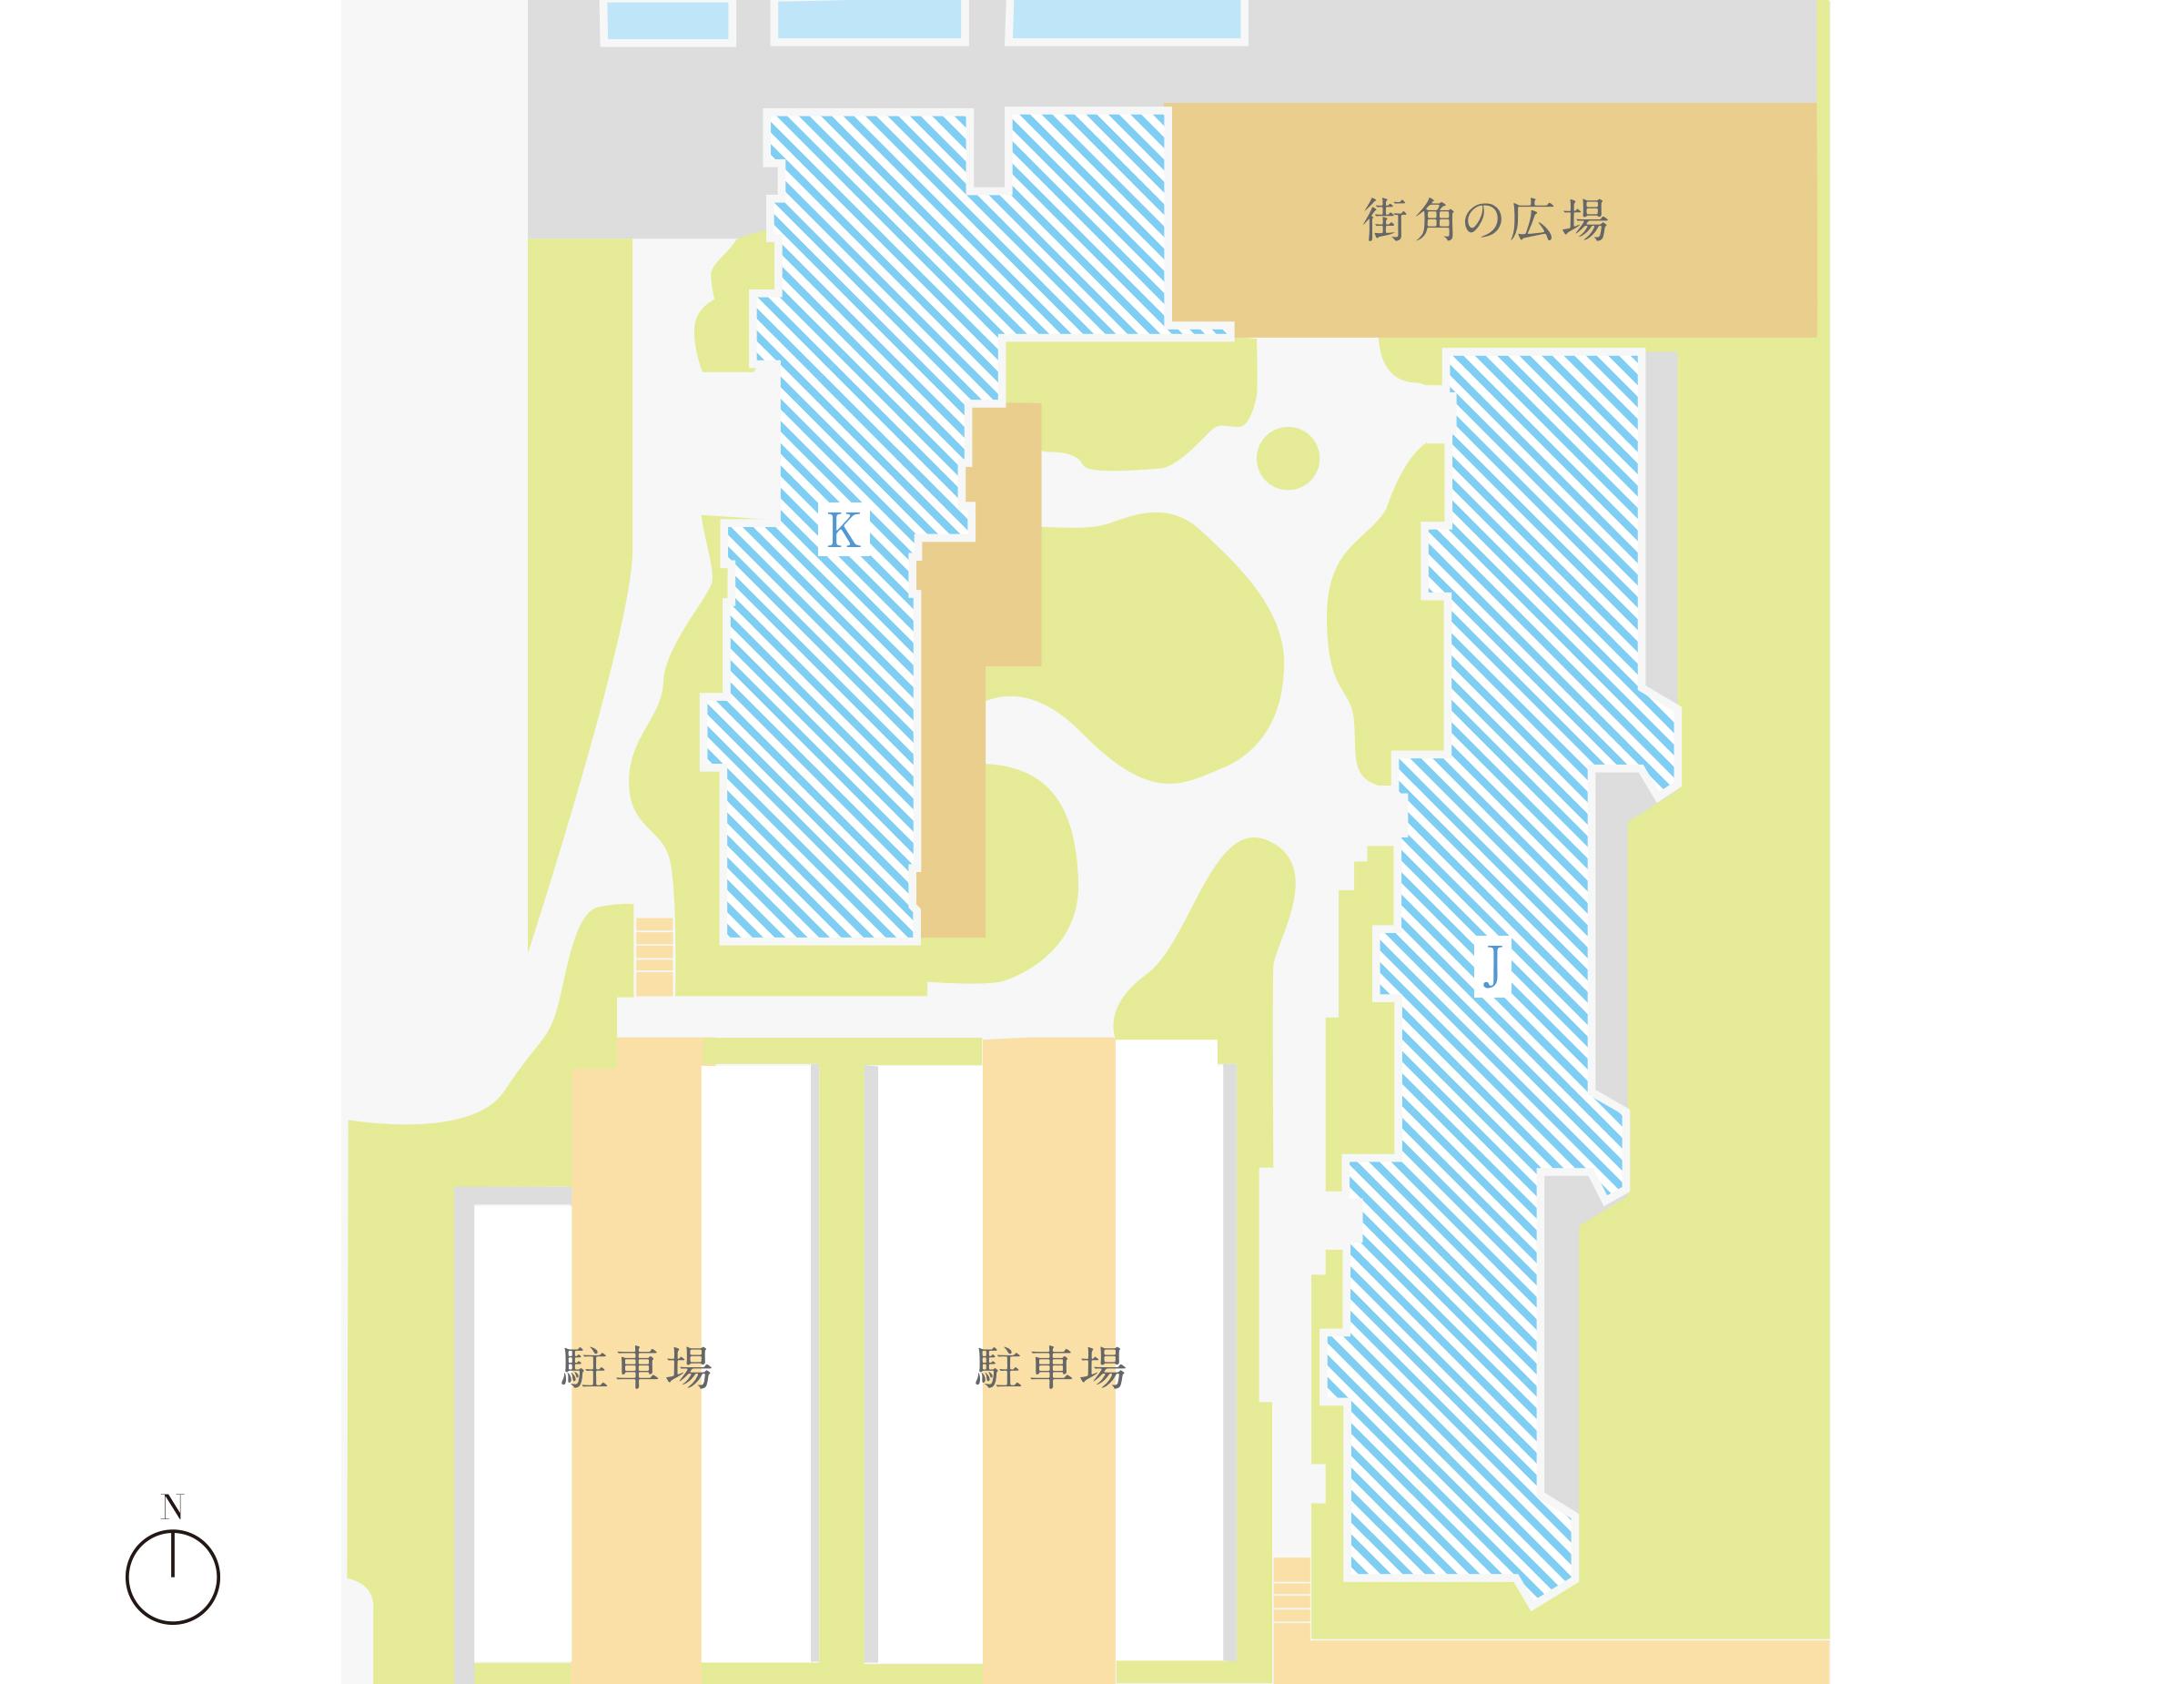 第3期街区内配置図